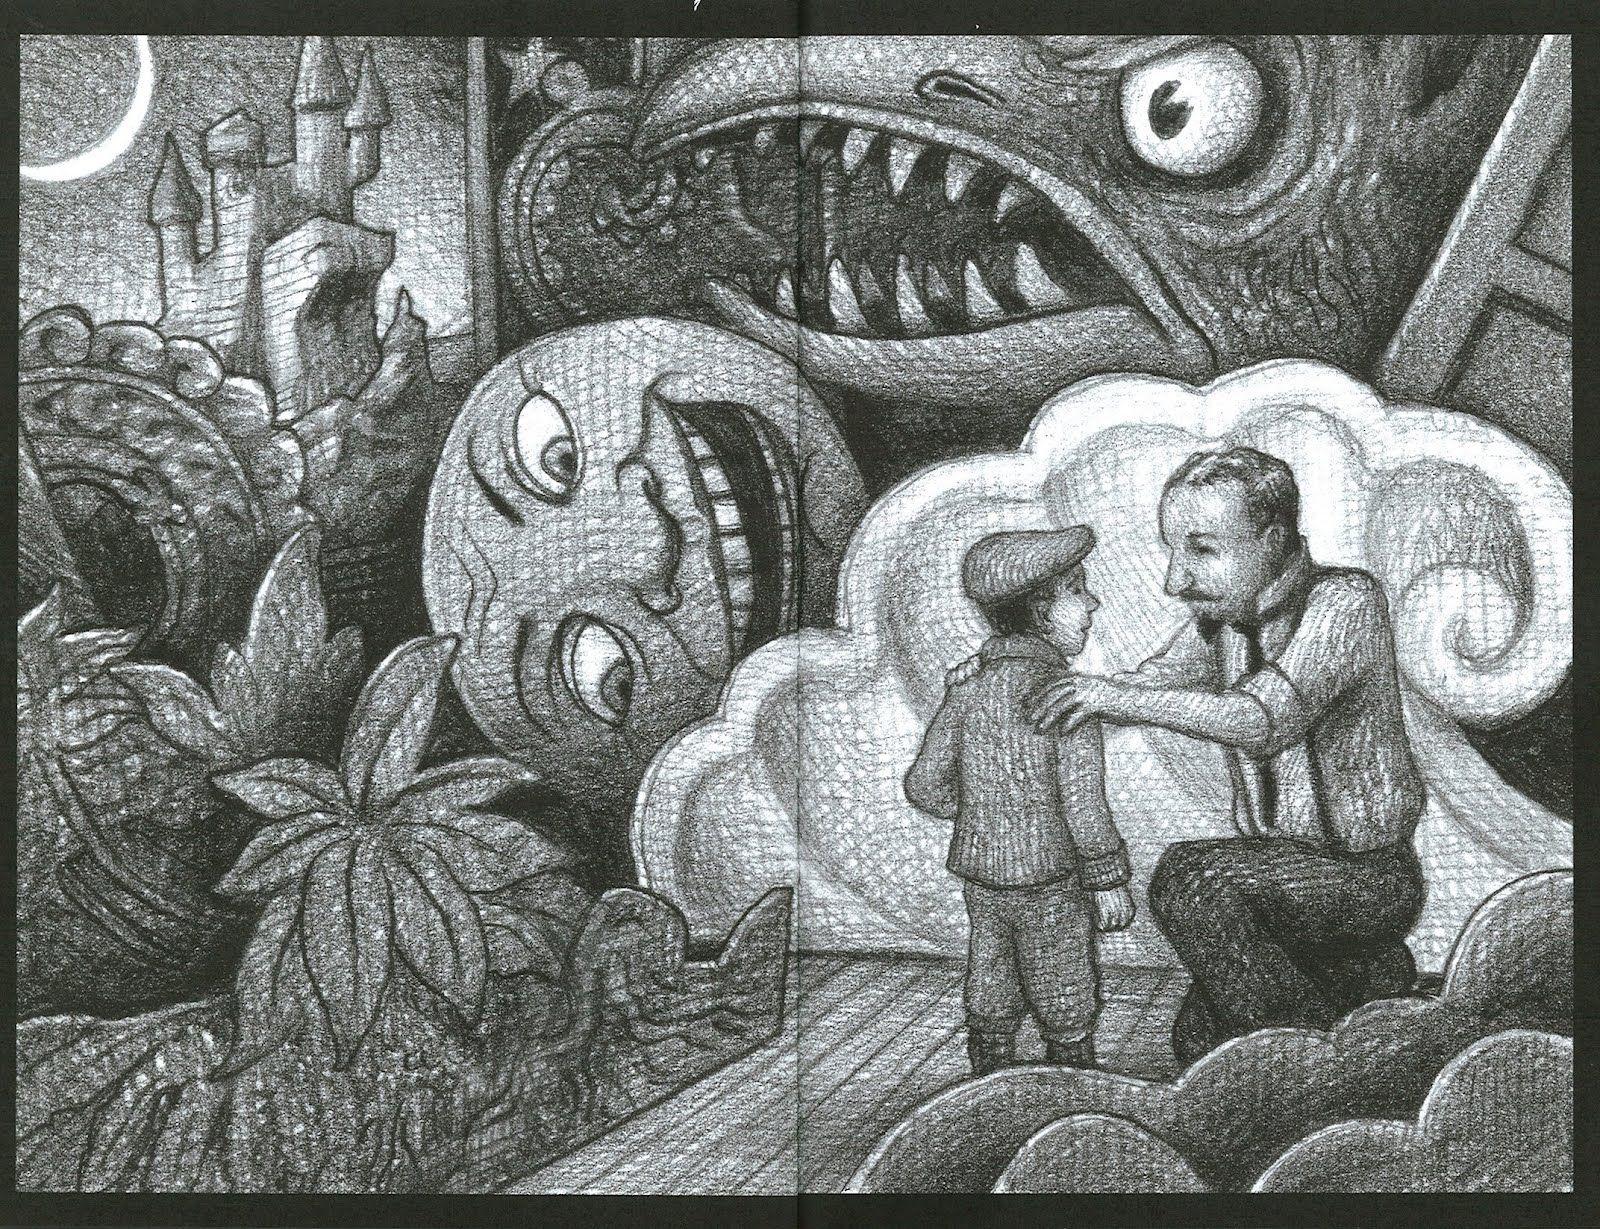 George Melies Drawings